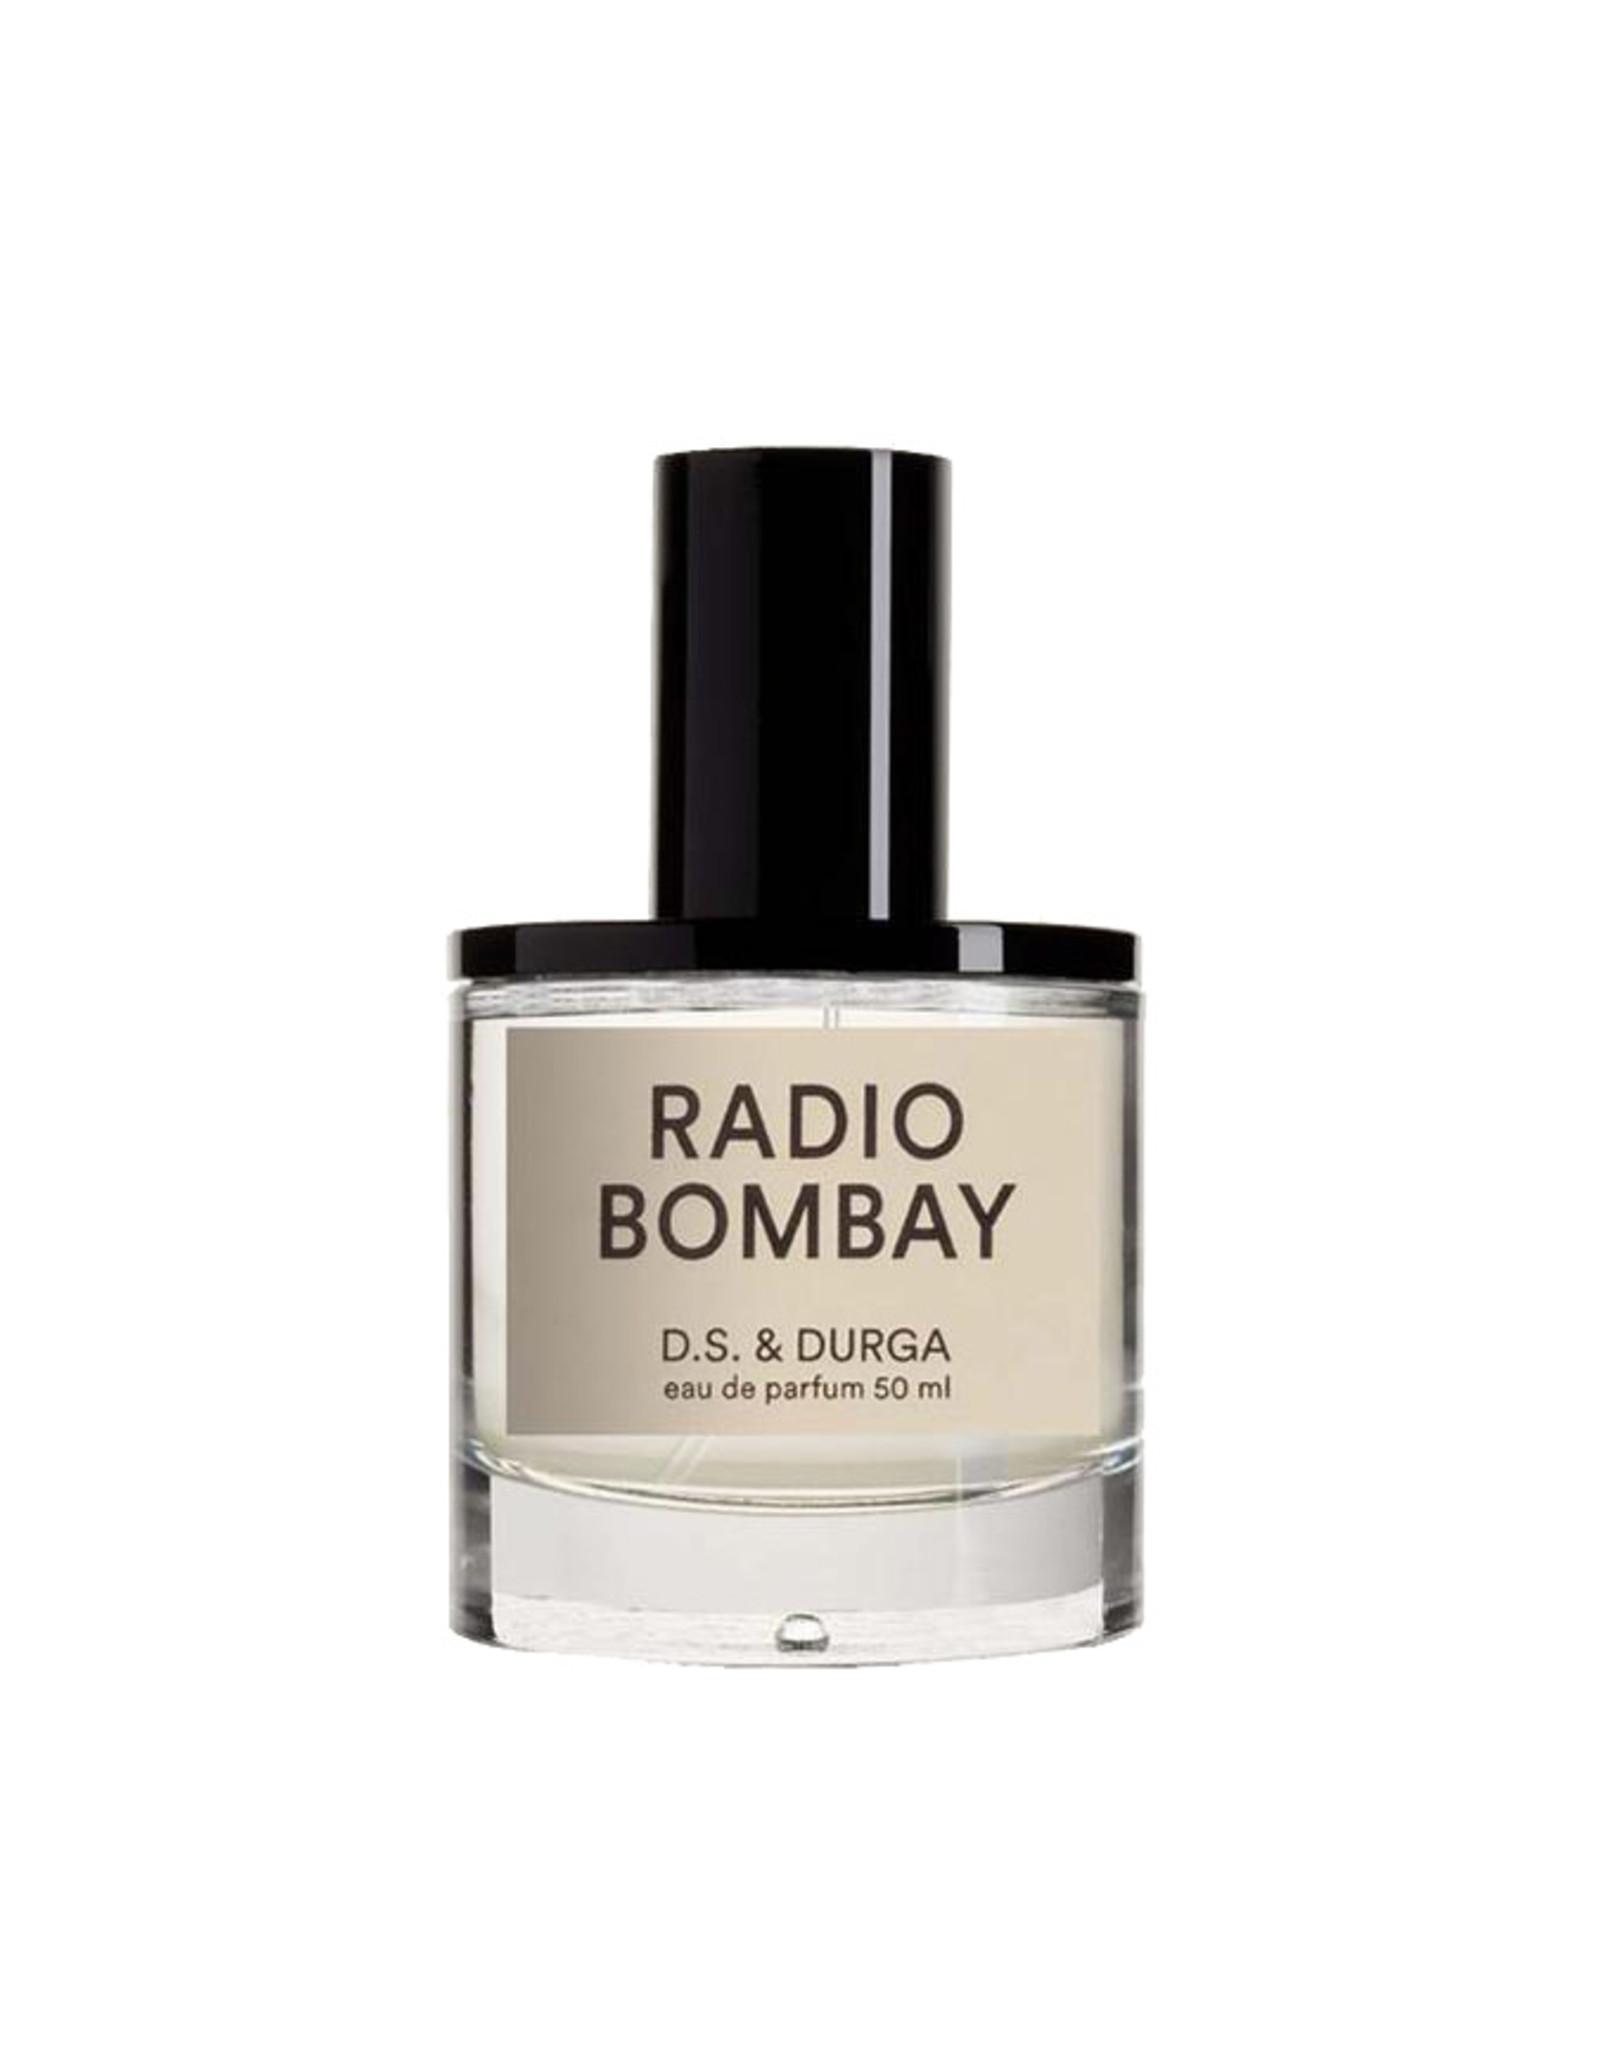 D.S. & DURGA Radio Bombay - Eau de Parfum - 50mL